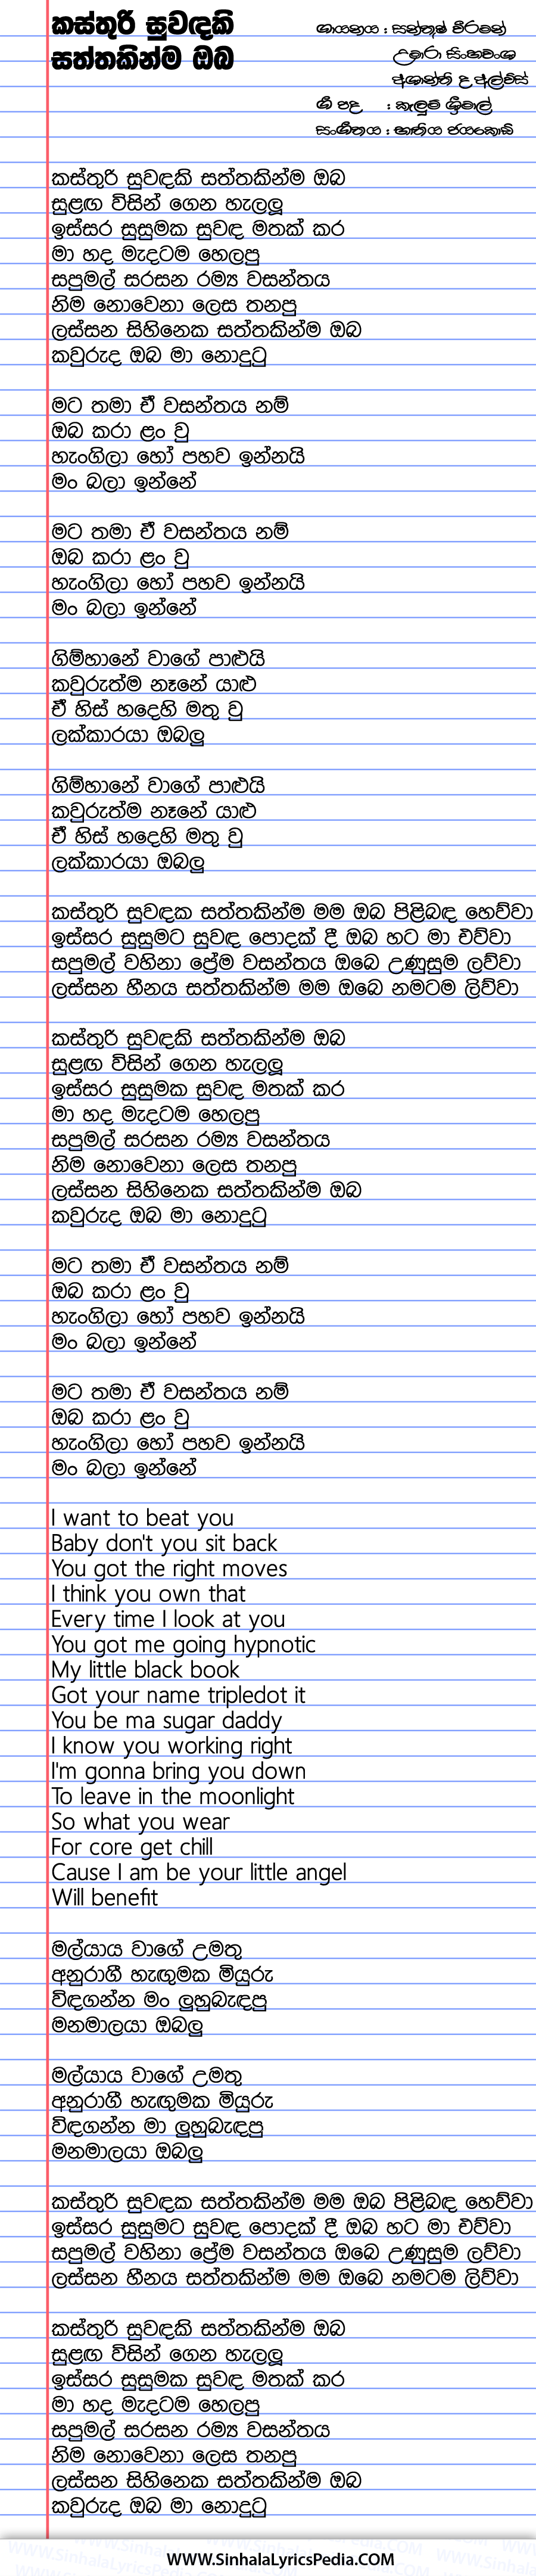 Kasthuri Suwandaki Saththakinma Oba Song Lyrics